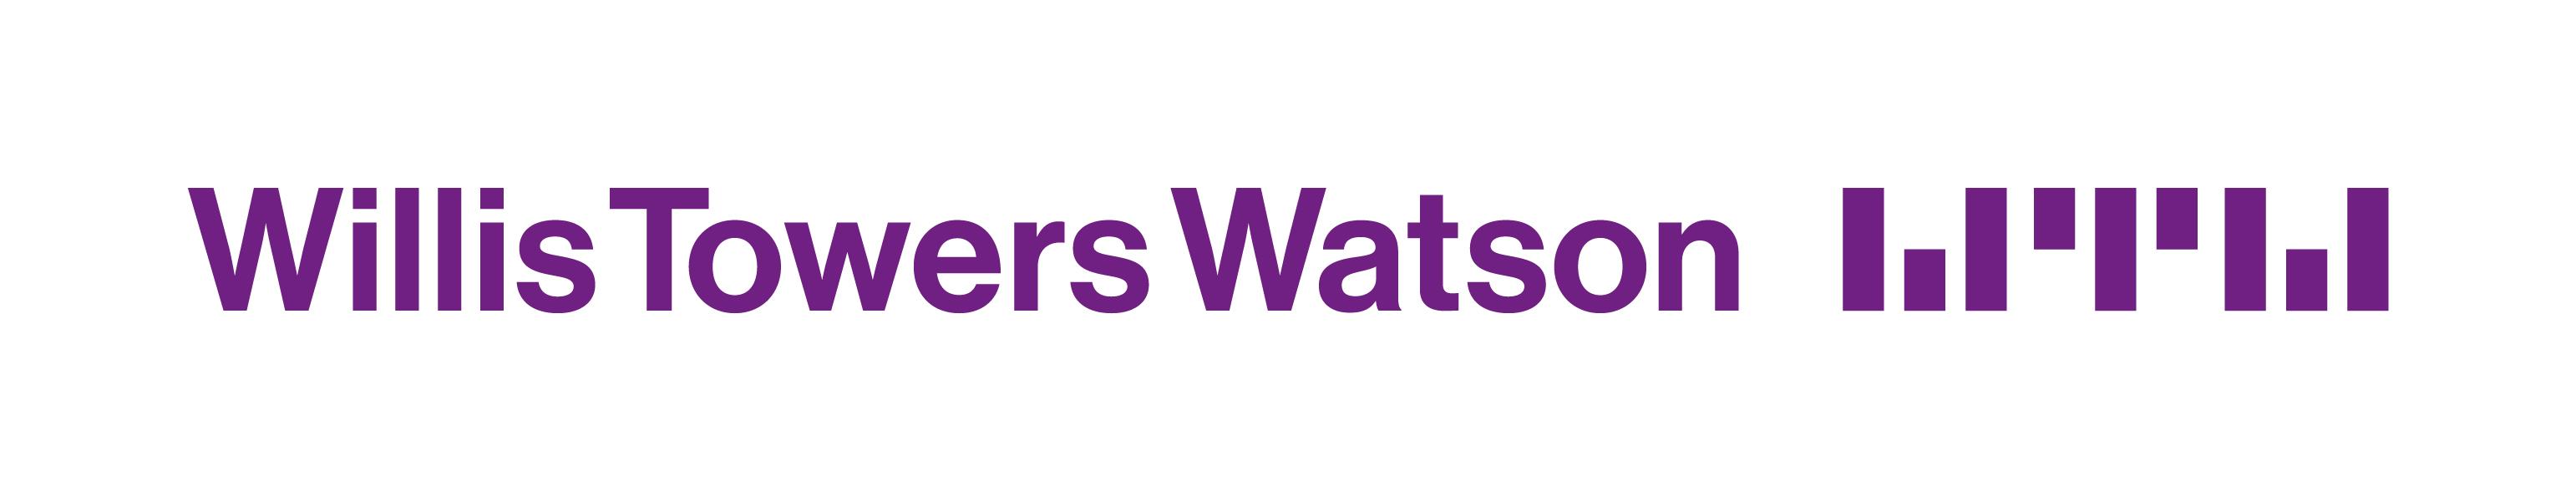 willis_towers_watson_logo_hrz_rgb_(002).jpg